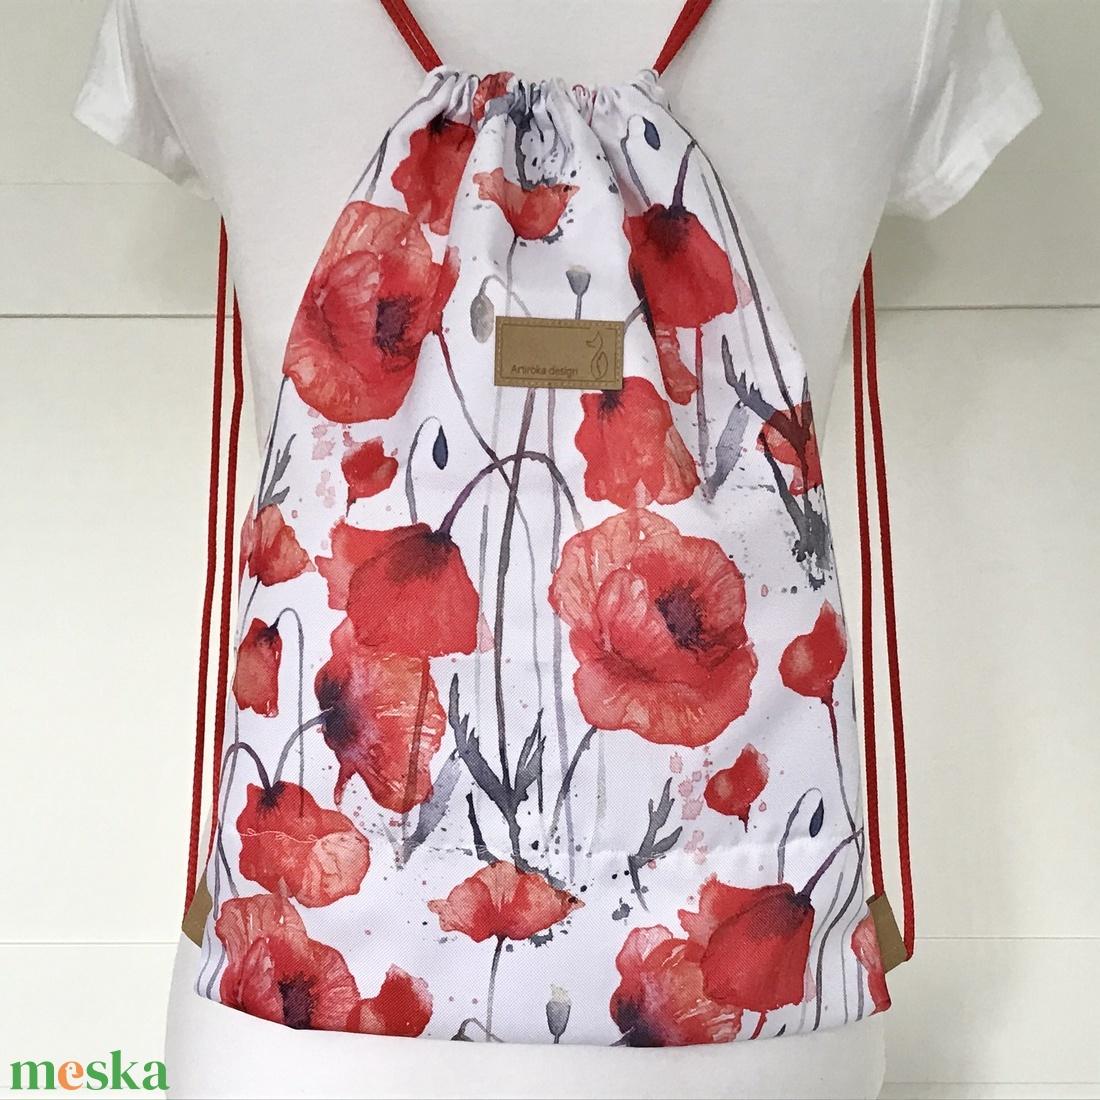 Pipacs mintás, piros - fehér  VÍZLEPERGETŐS gymbag hátizsák - tornazsák edzéshez, úszáshoz - Artiroka design - táska & tok - hátizsák - Meska.hu